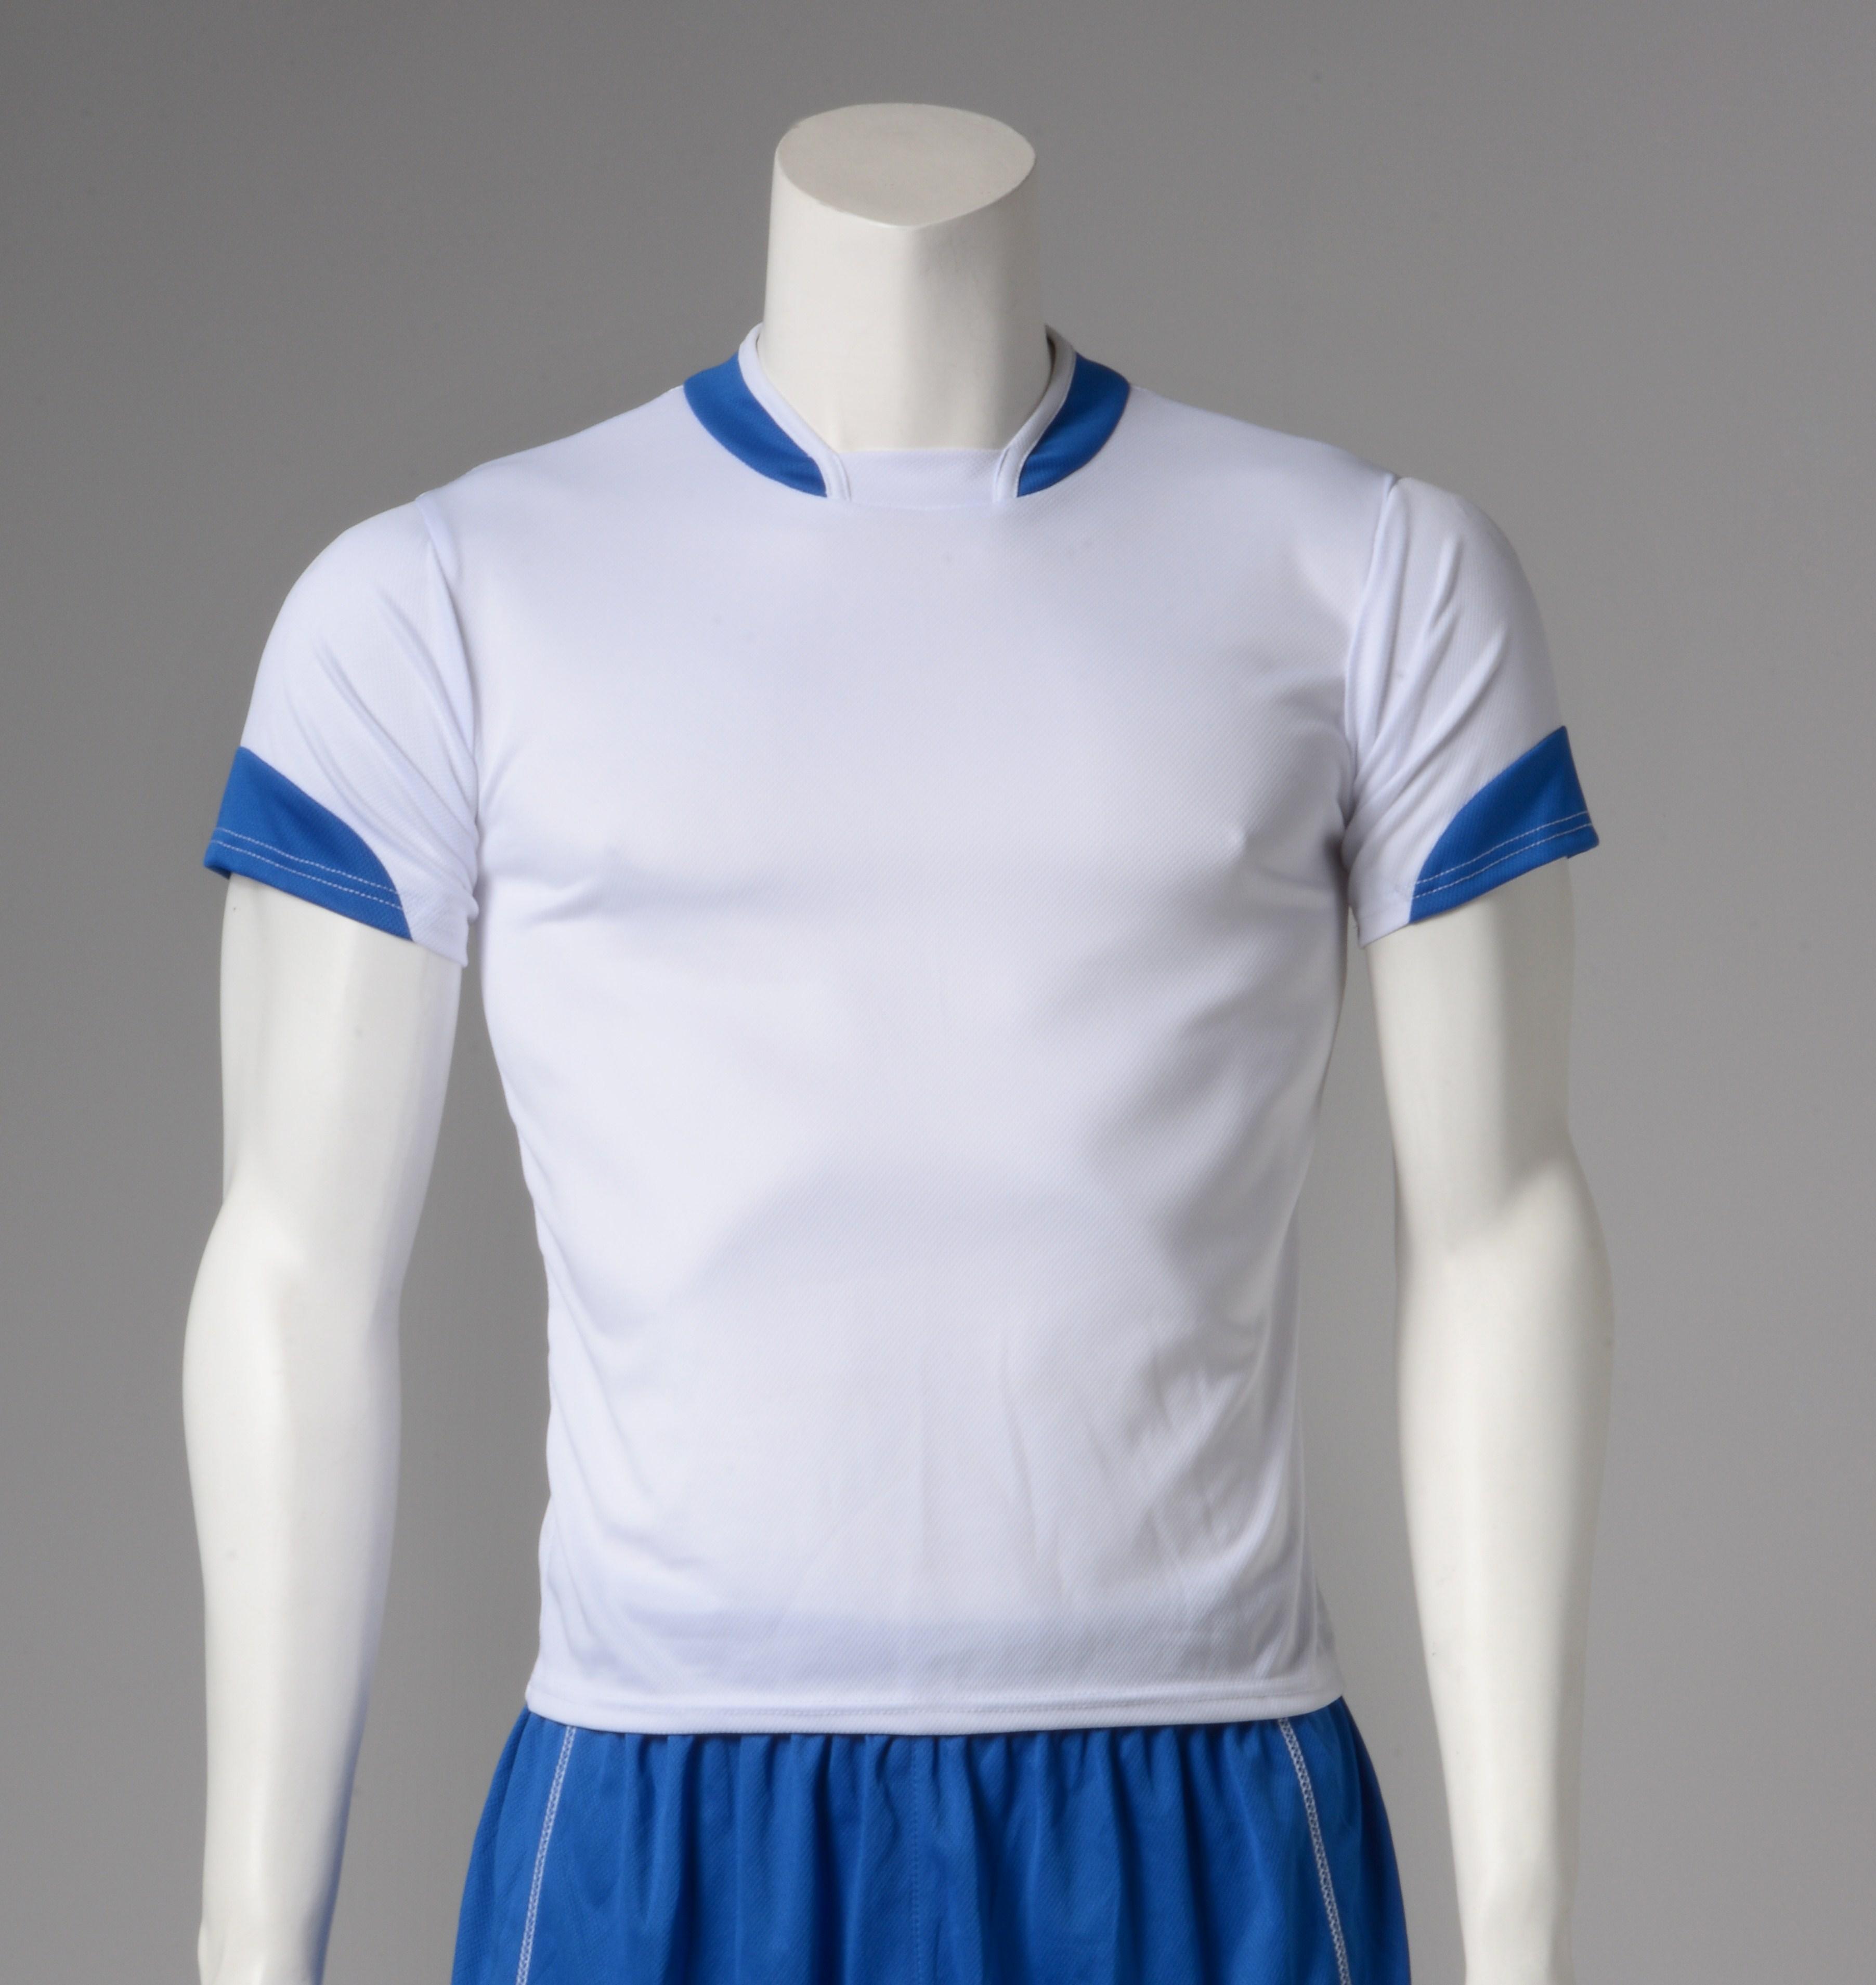 Φανέλα ποδοσφαίρου λευκό με μπλε